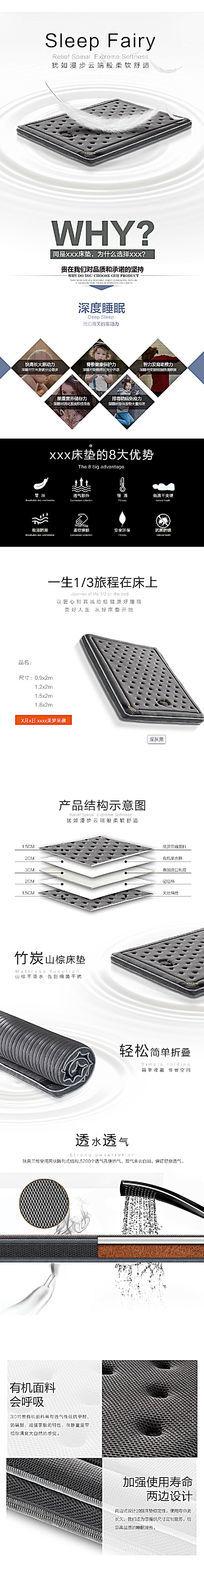 淘宝天猫京东床垫详情页 时尚床垫创意详情页 科技床垫详情页设计